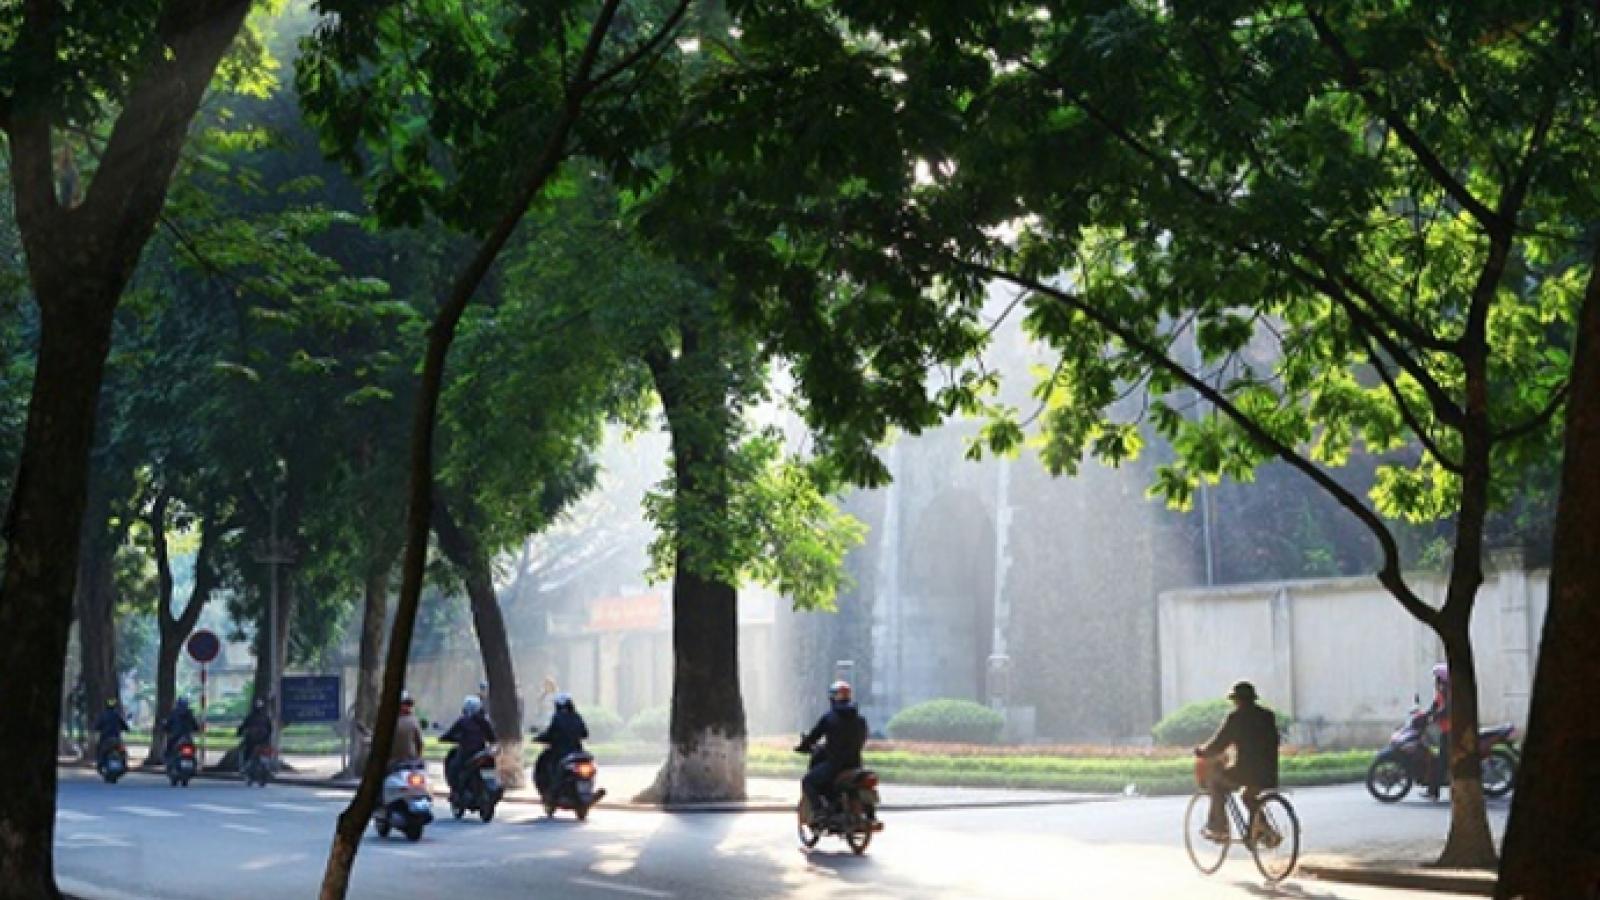 Thời tiết ngày 3/11: Hà Nội không mưa, trời hửng nắng